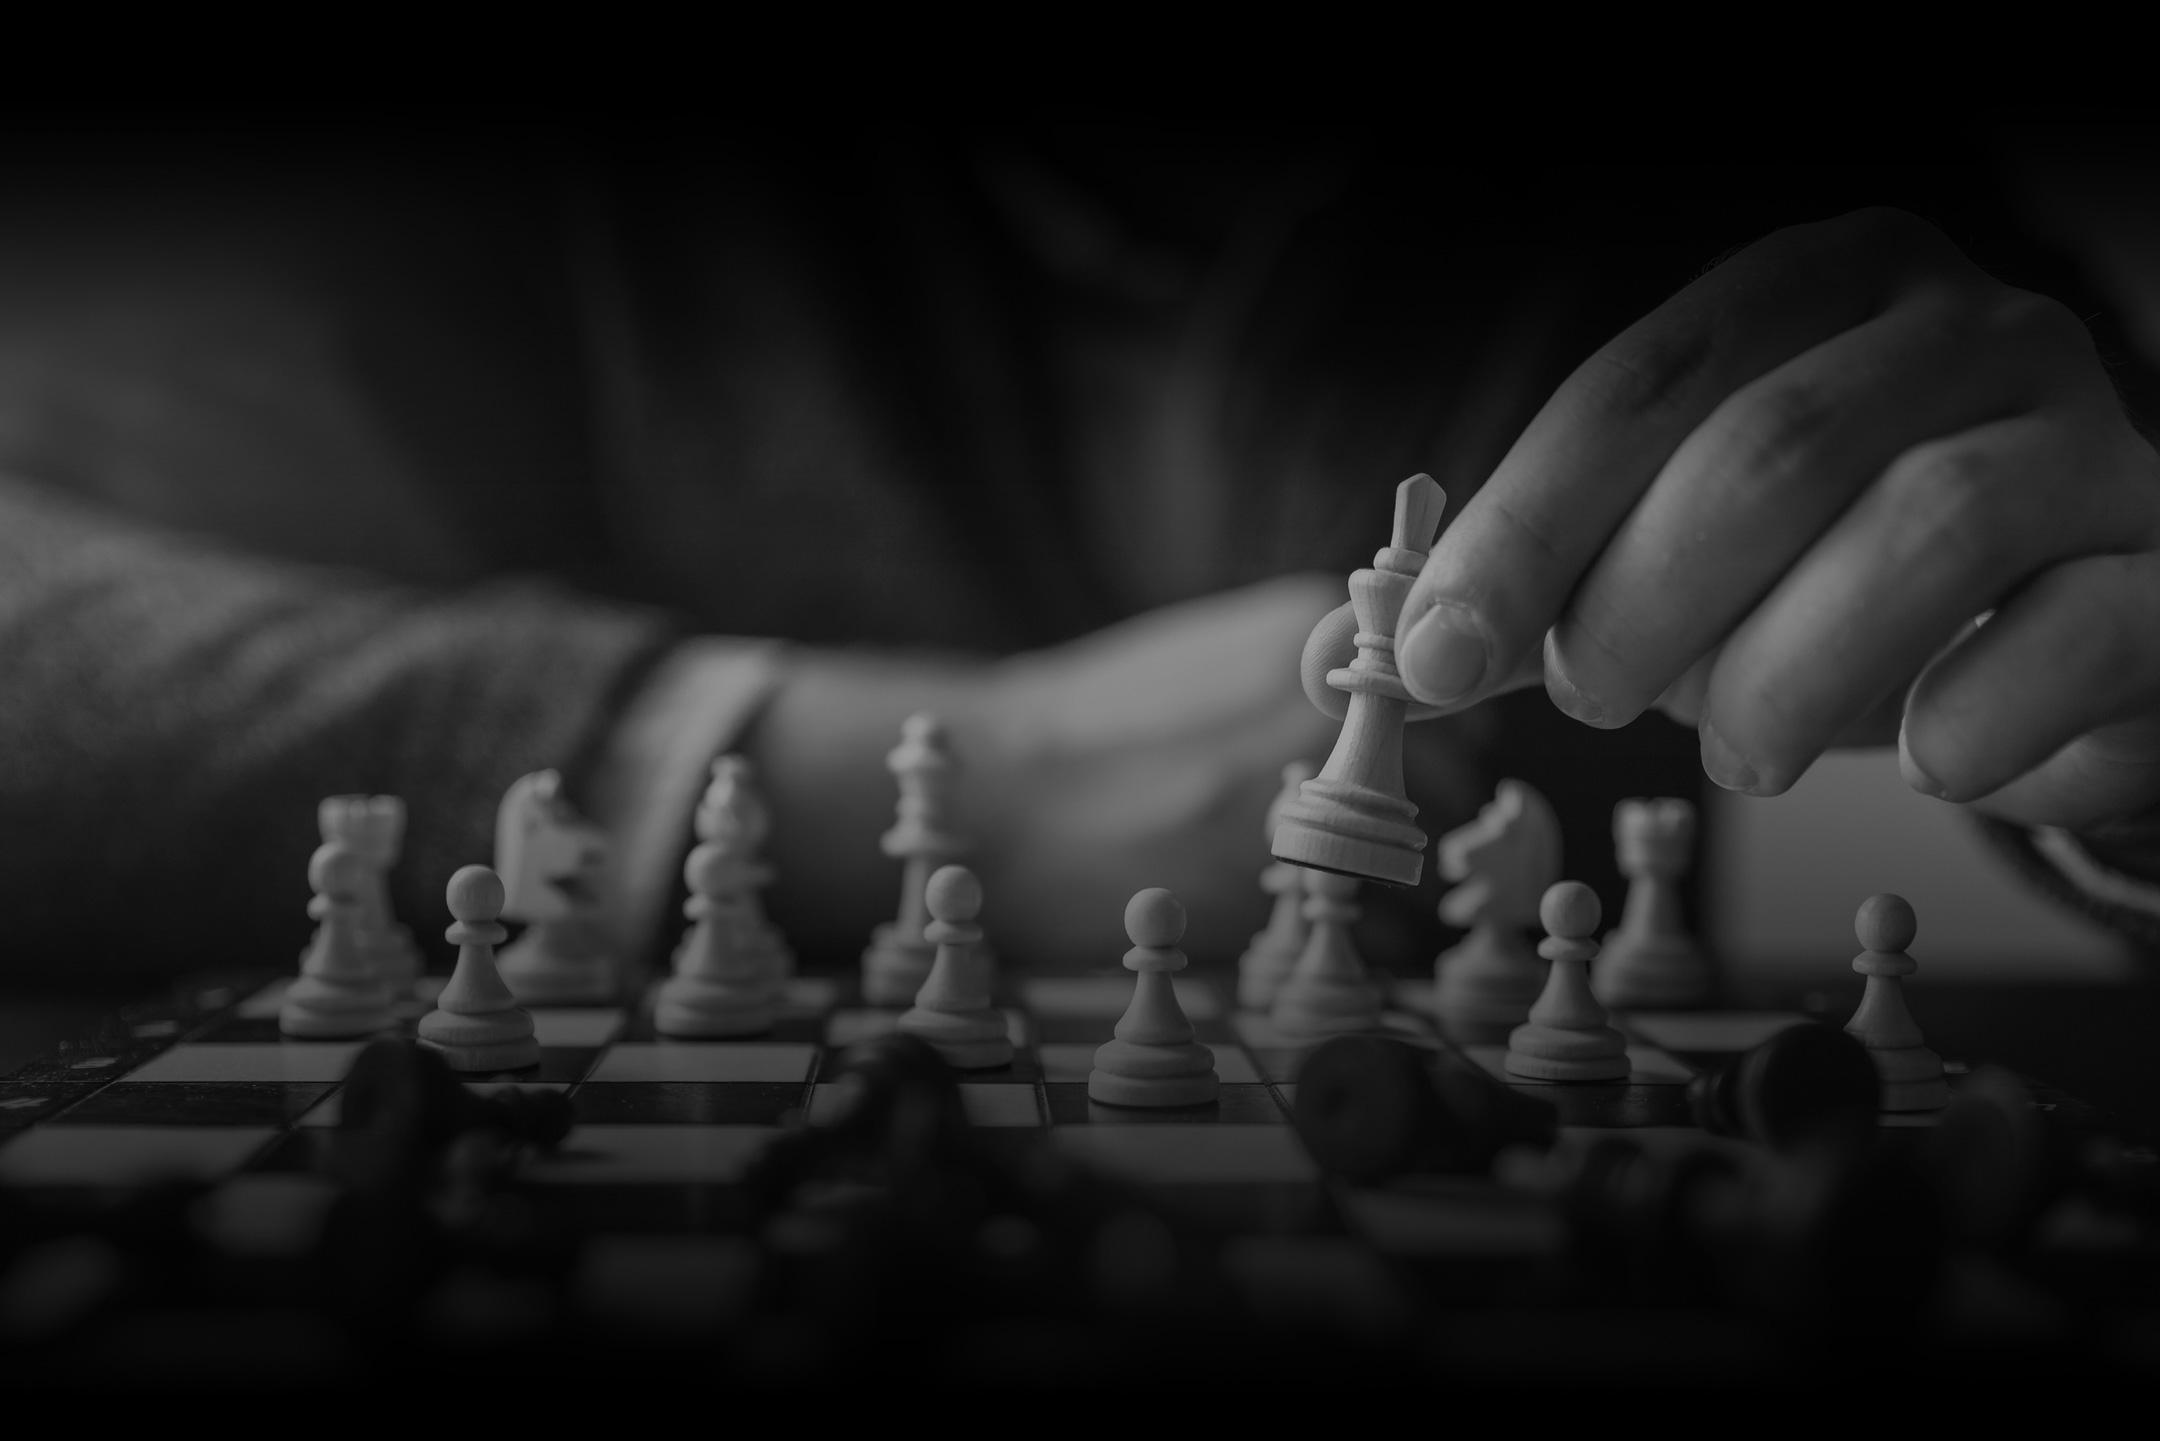 bortolotti_la_storia_scacchi